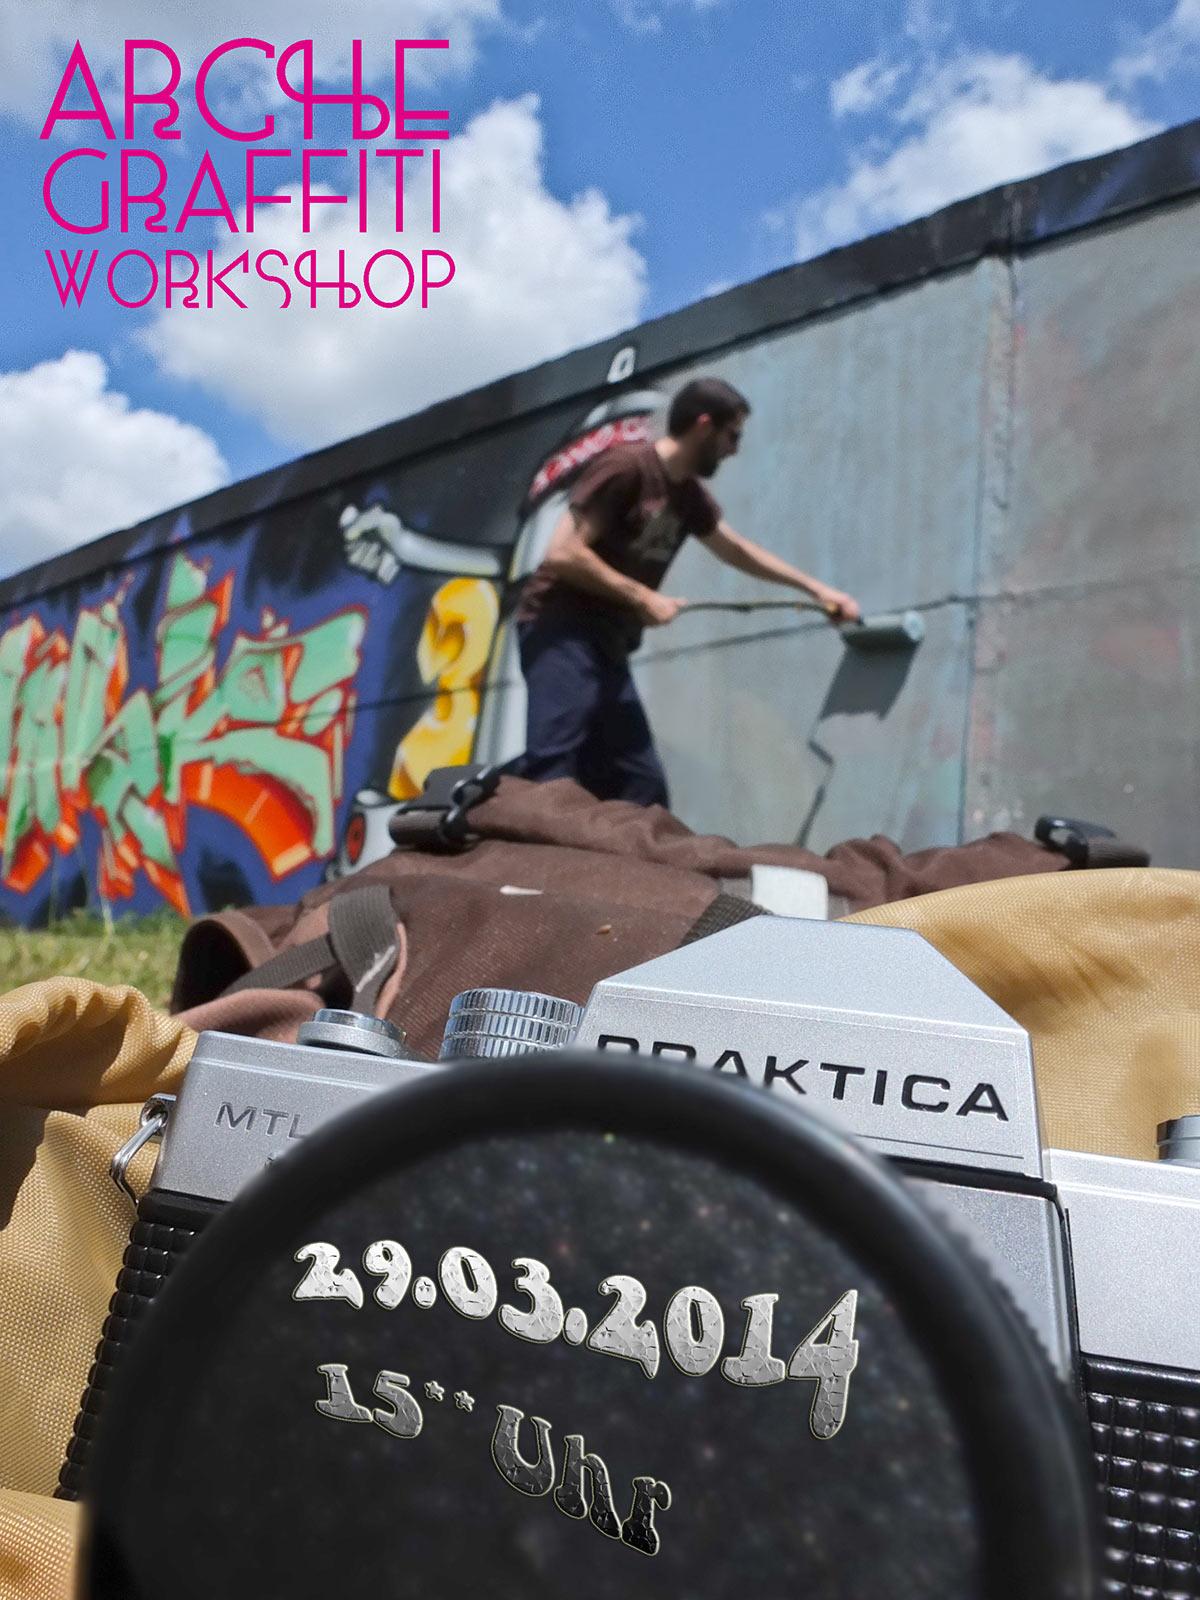 Arche Graffiti Workshop – März 2014